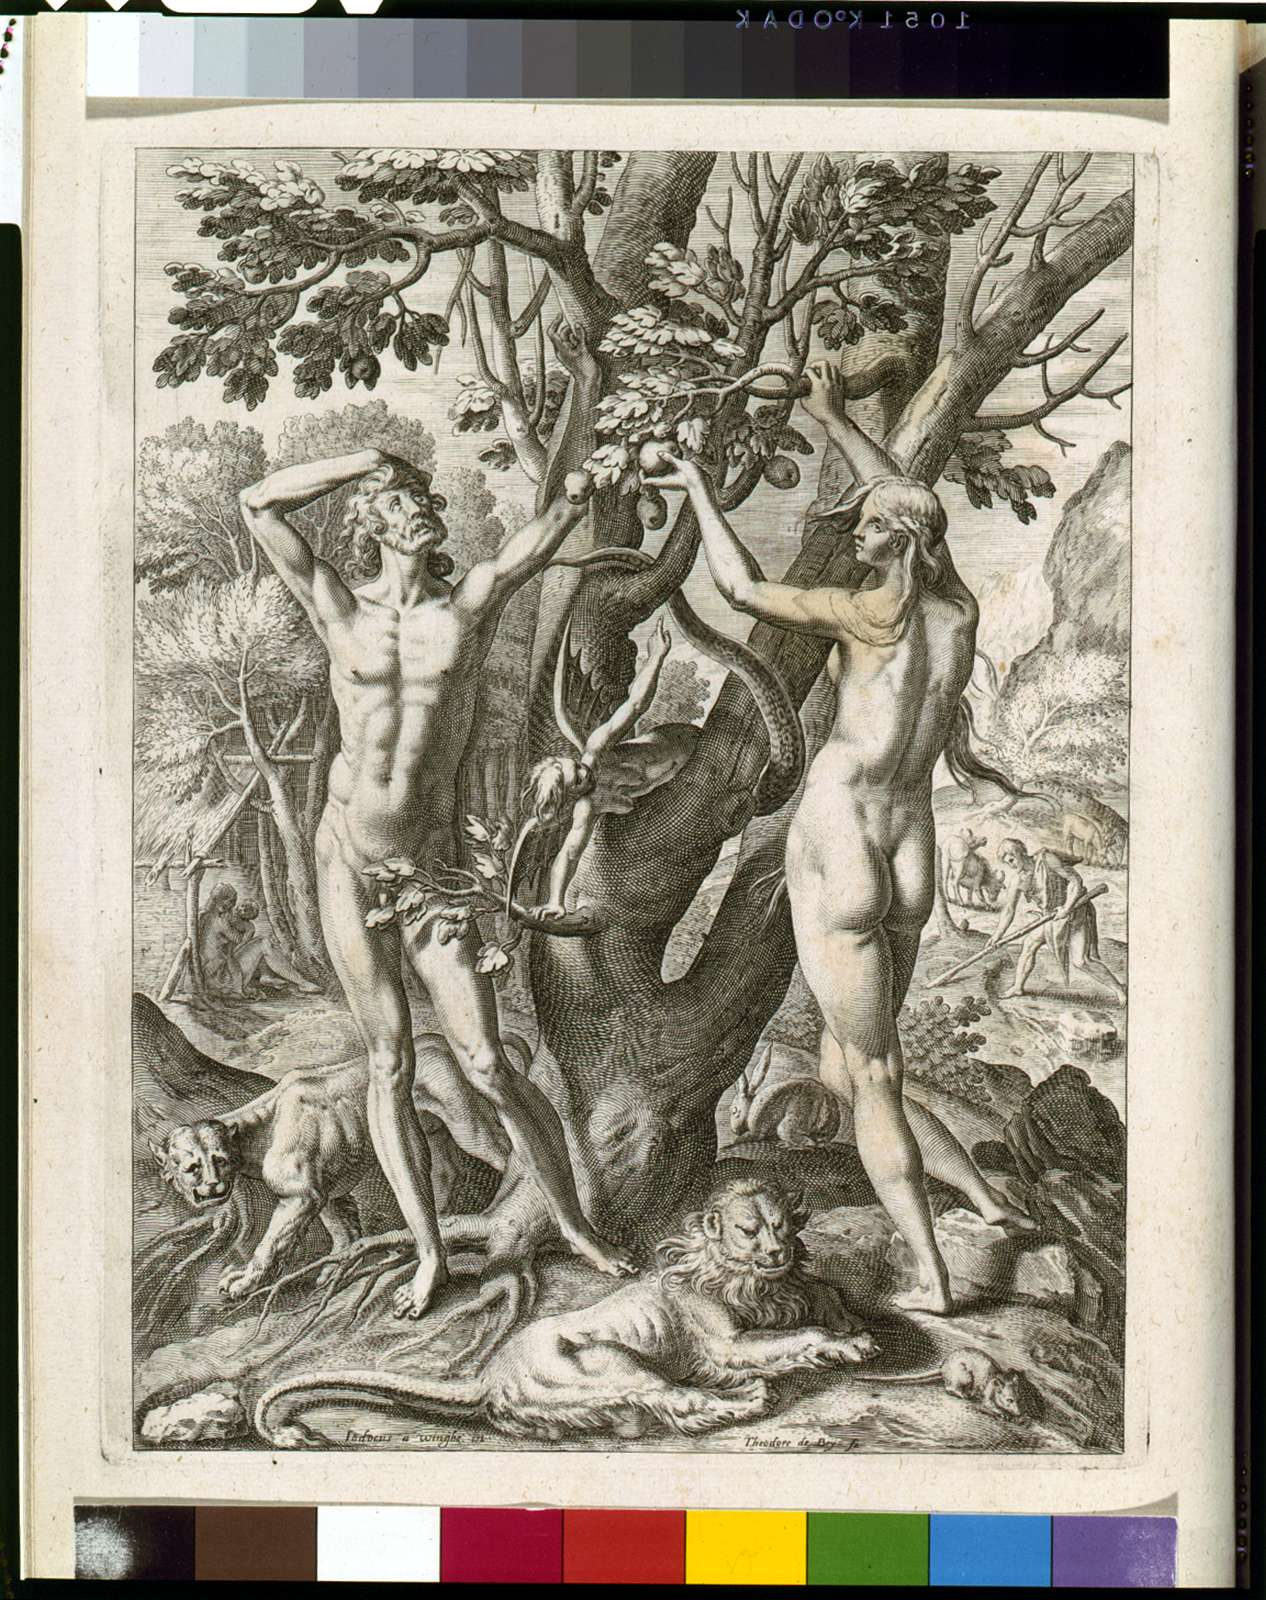 [Adam and Eve in America]